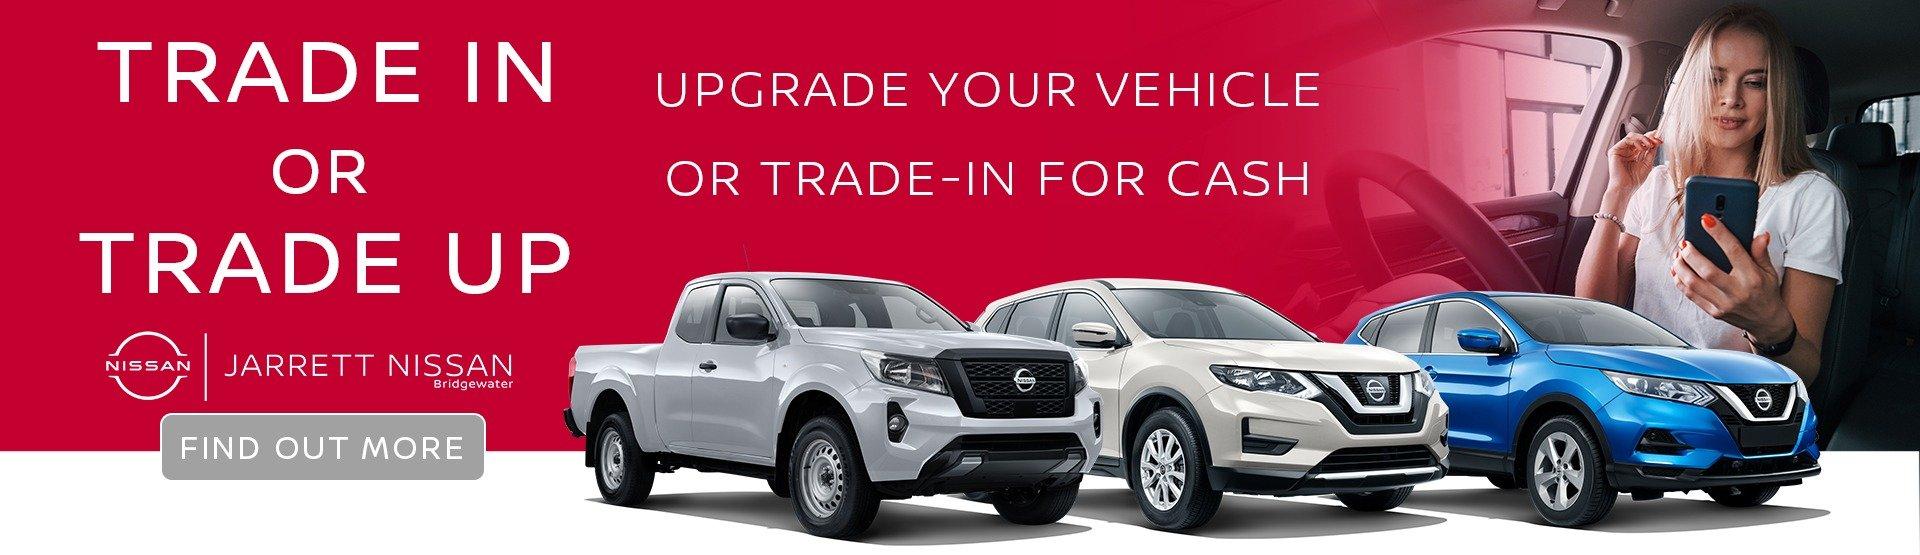 Trade-In Value at Jarrett Nissan